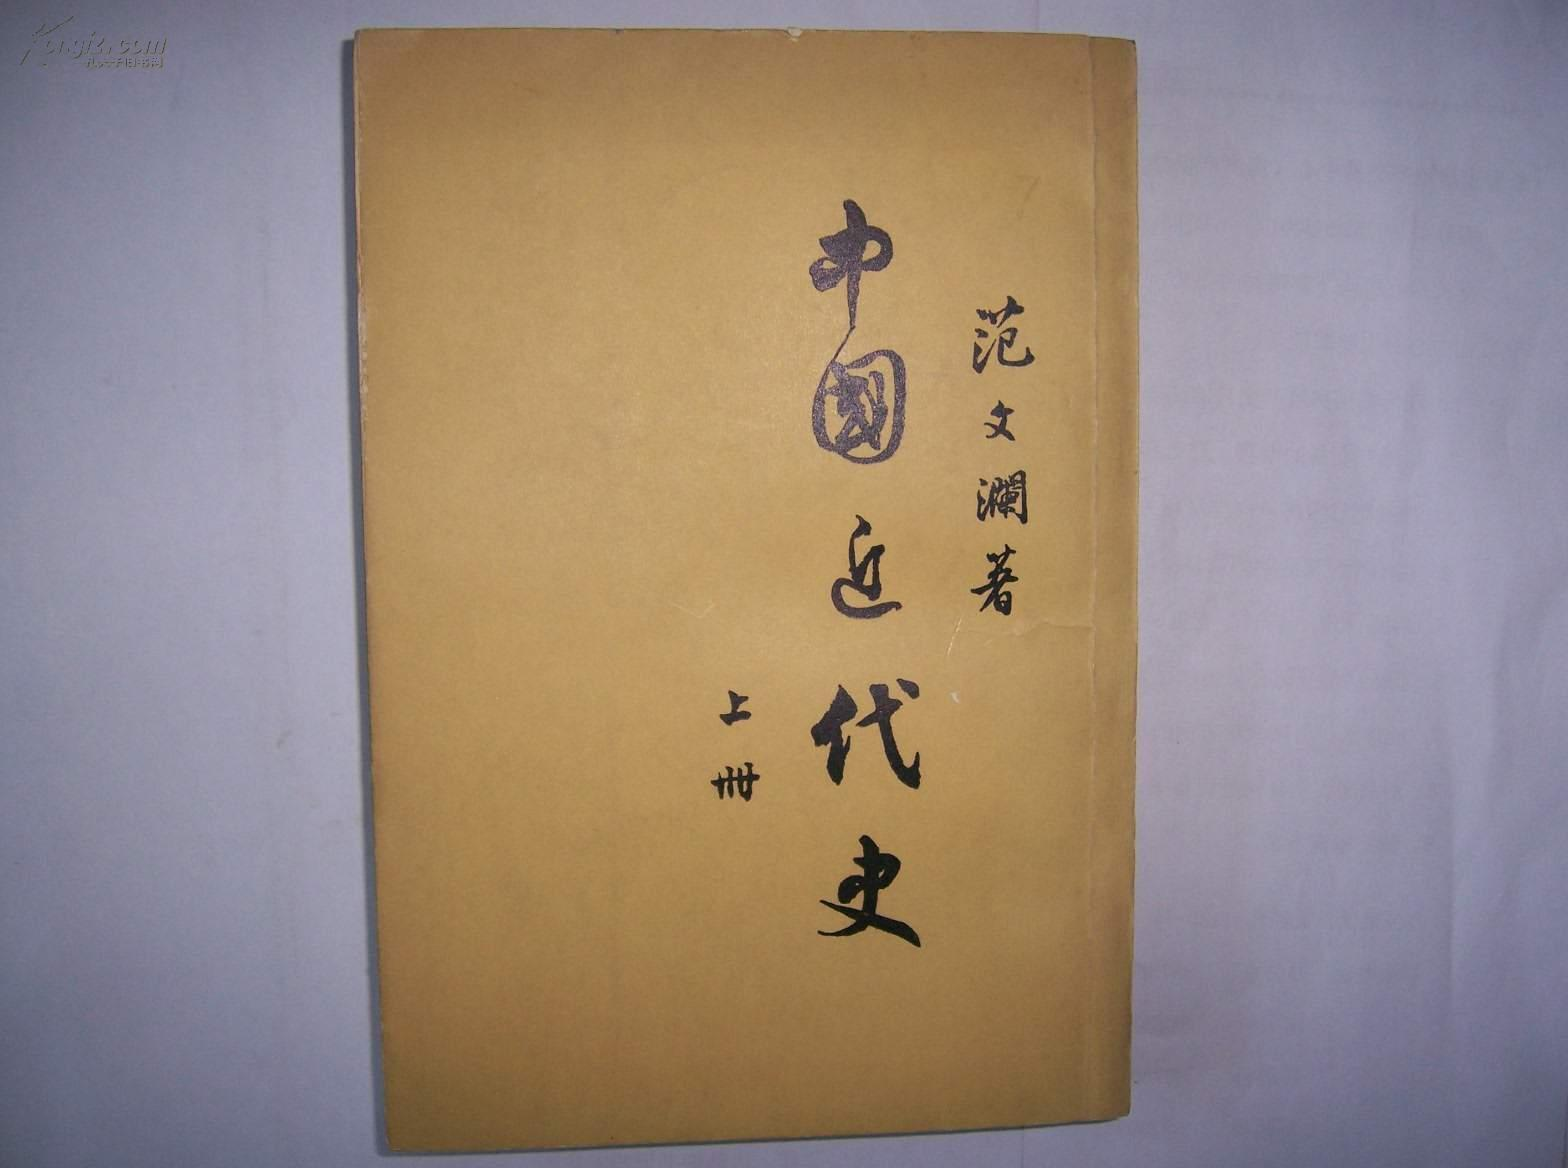 中国近代史 上册(竖版62年1印)